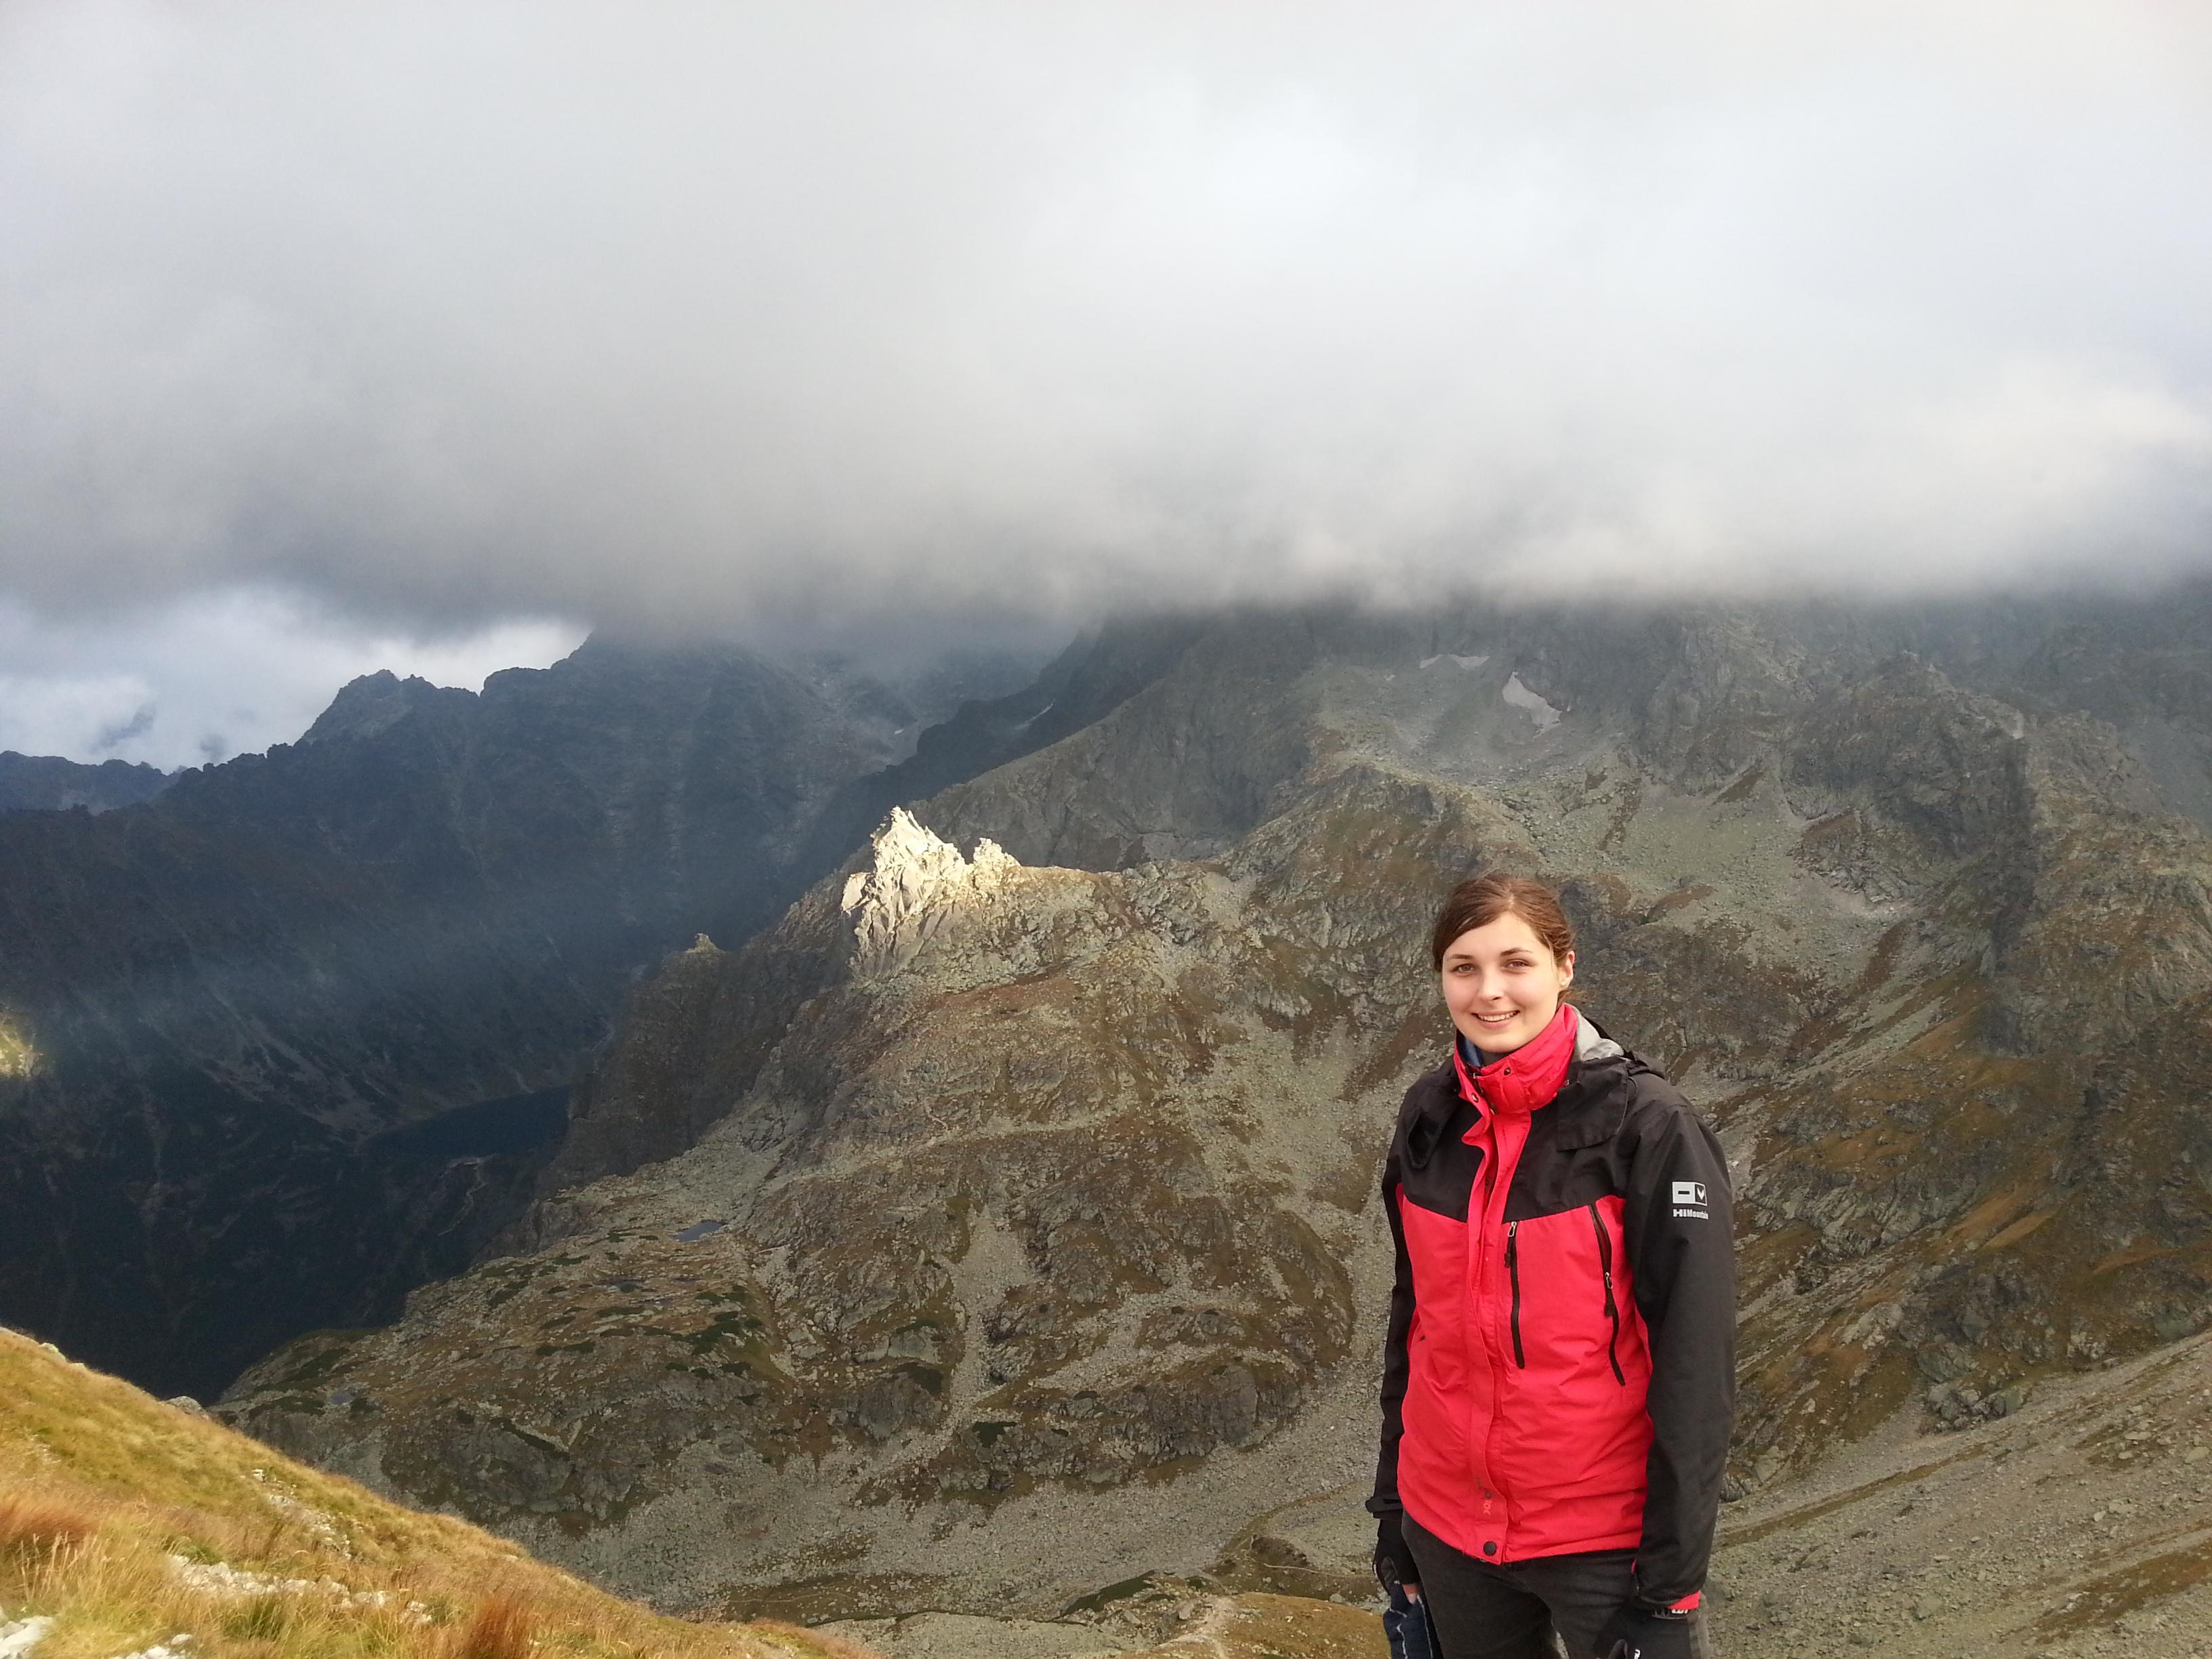 Agnieszka w górach